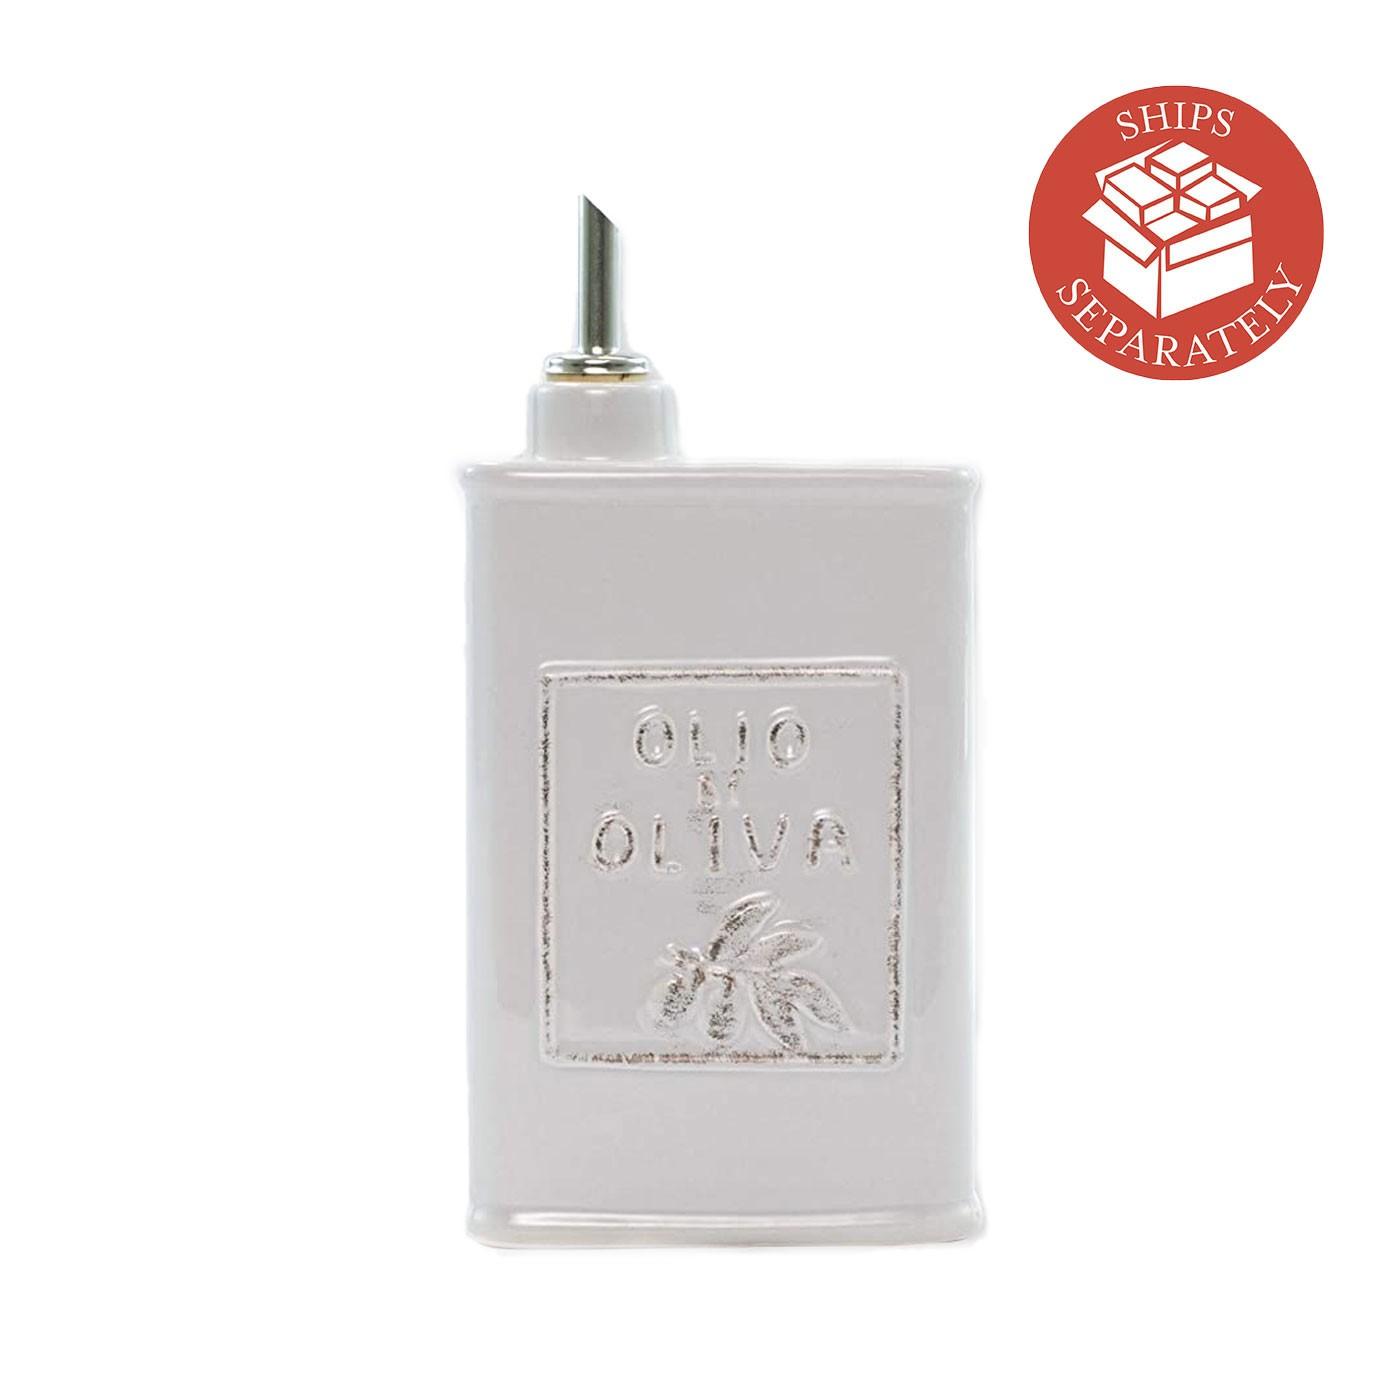 Italian Lastra Light Gray Olive Oil Can - Vietri | Eataly.com